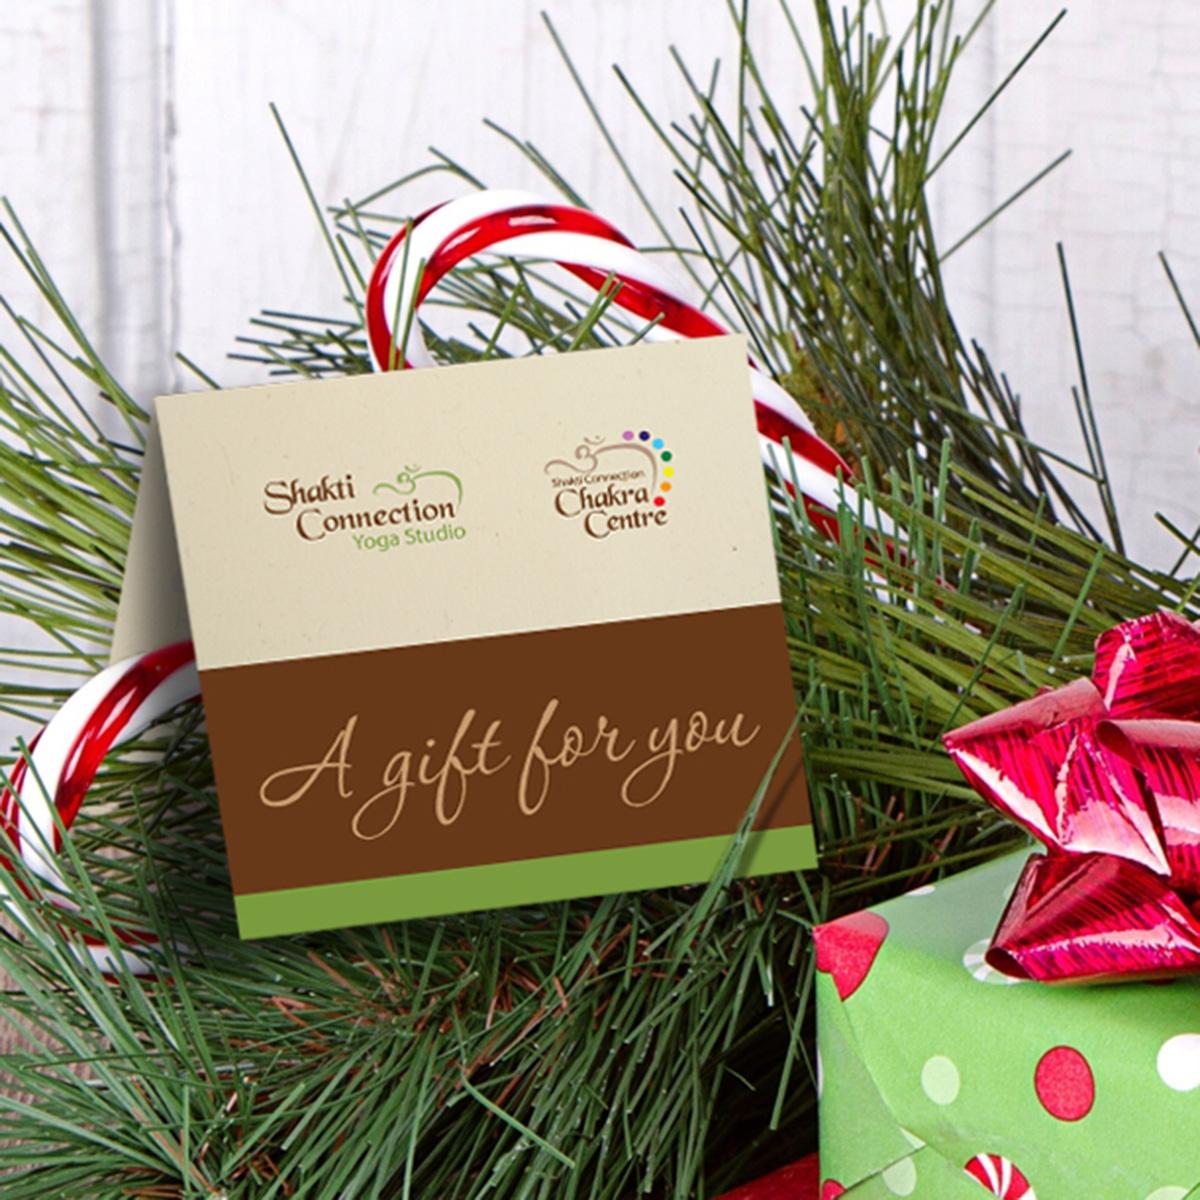 shakti-gift-card